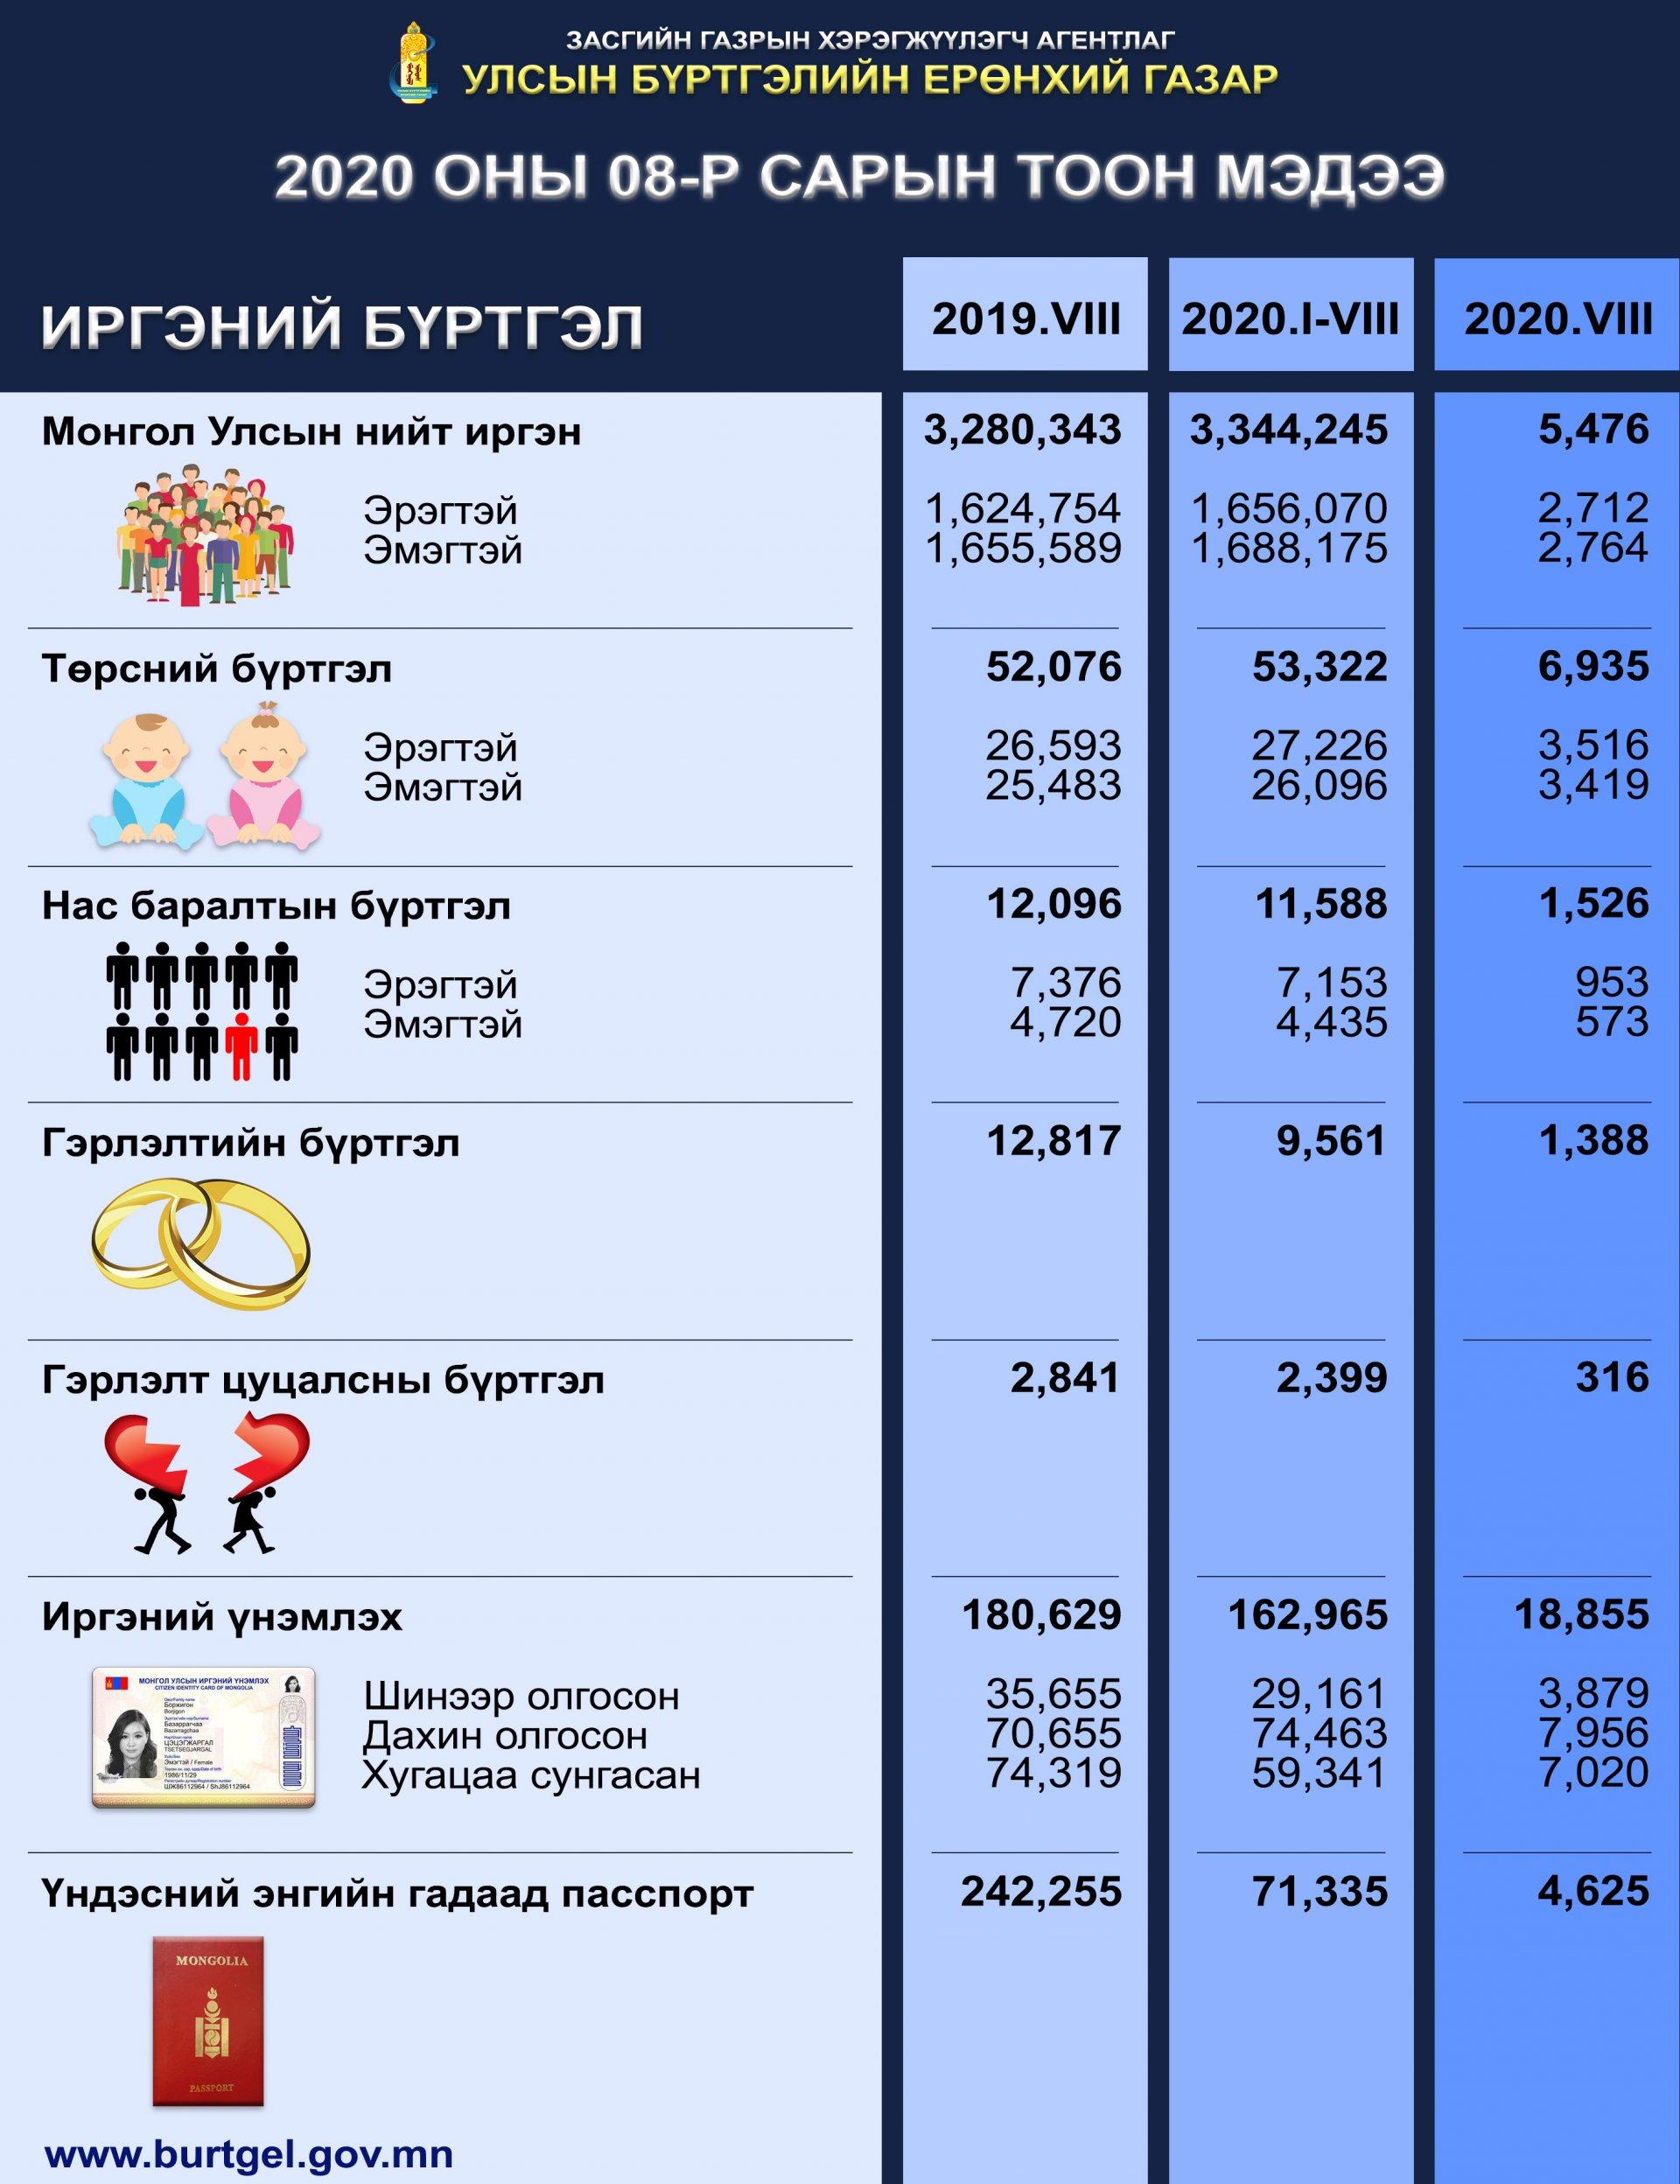 Улсын бүртгэлийн байгууллагын 8-р сарын тоон мэдээ